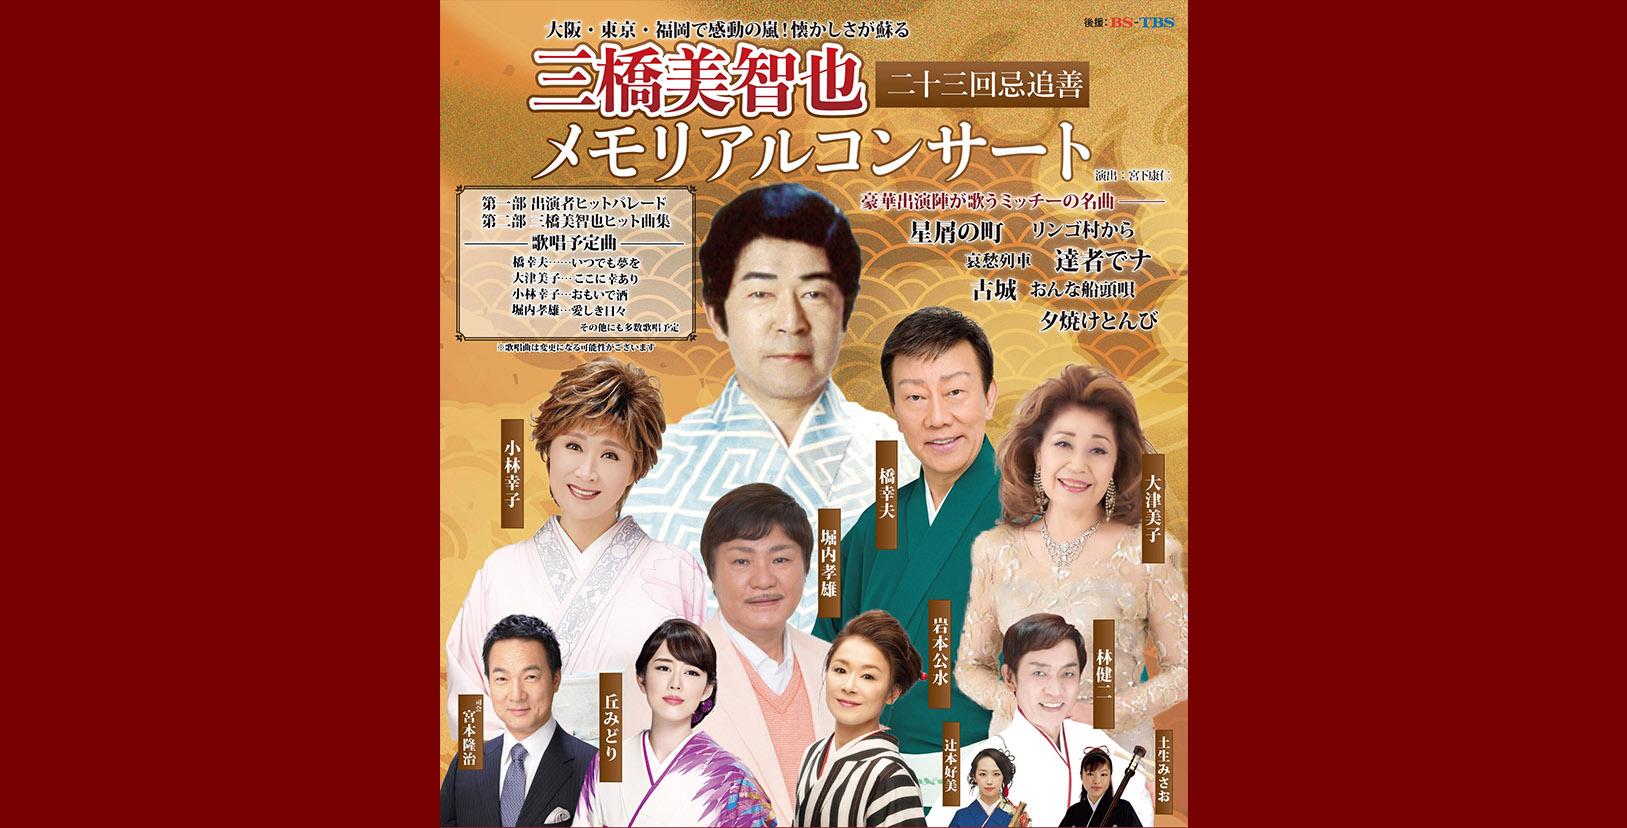 三橋美智也 二十三回忌追善 メモリアルコンサート